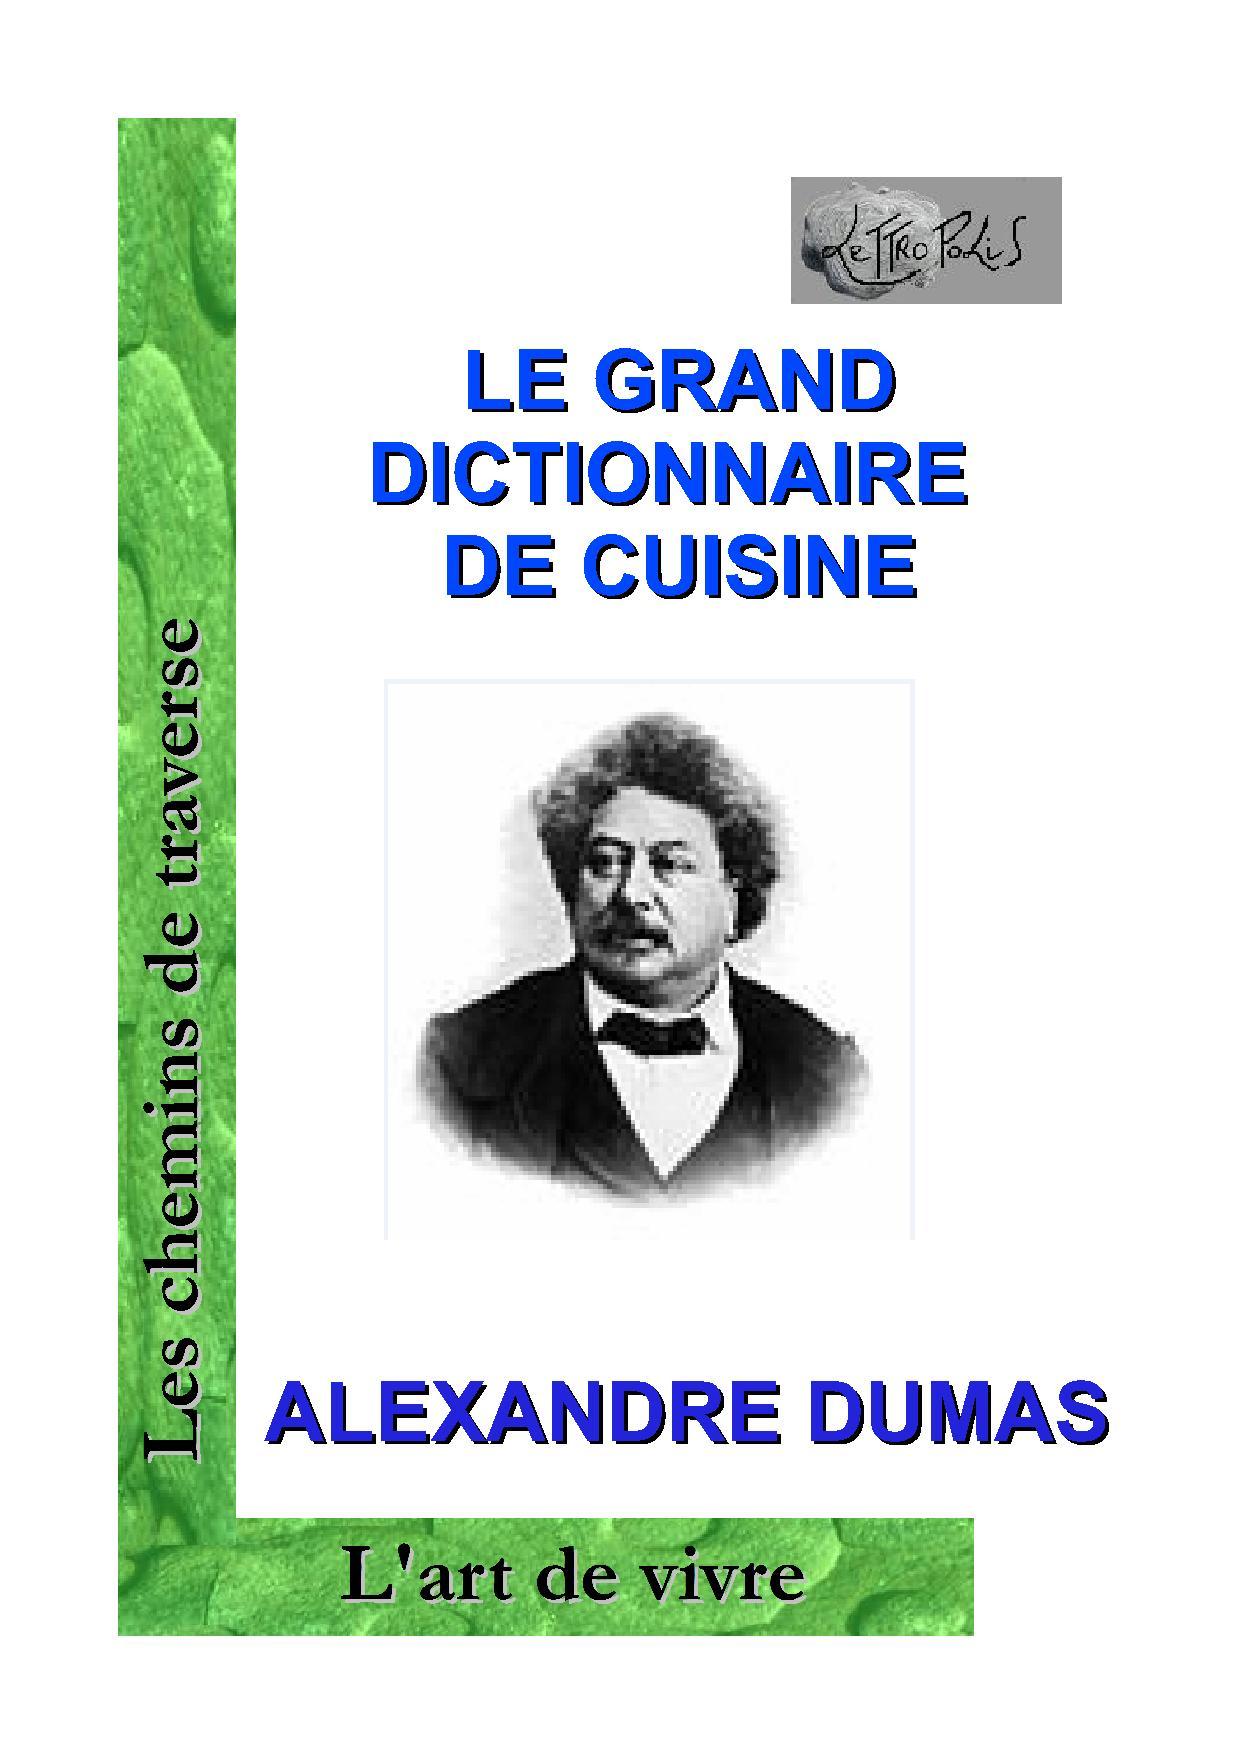 Le grand dictionnaire de cuisine d 39 alexandre dumas for Alexandre dumas grand dictionnaire de cuisine